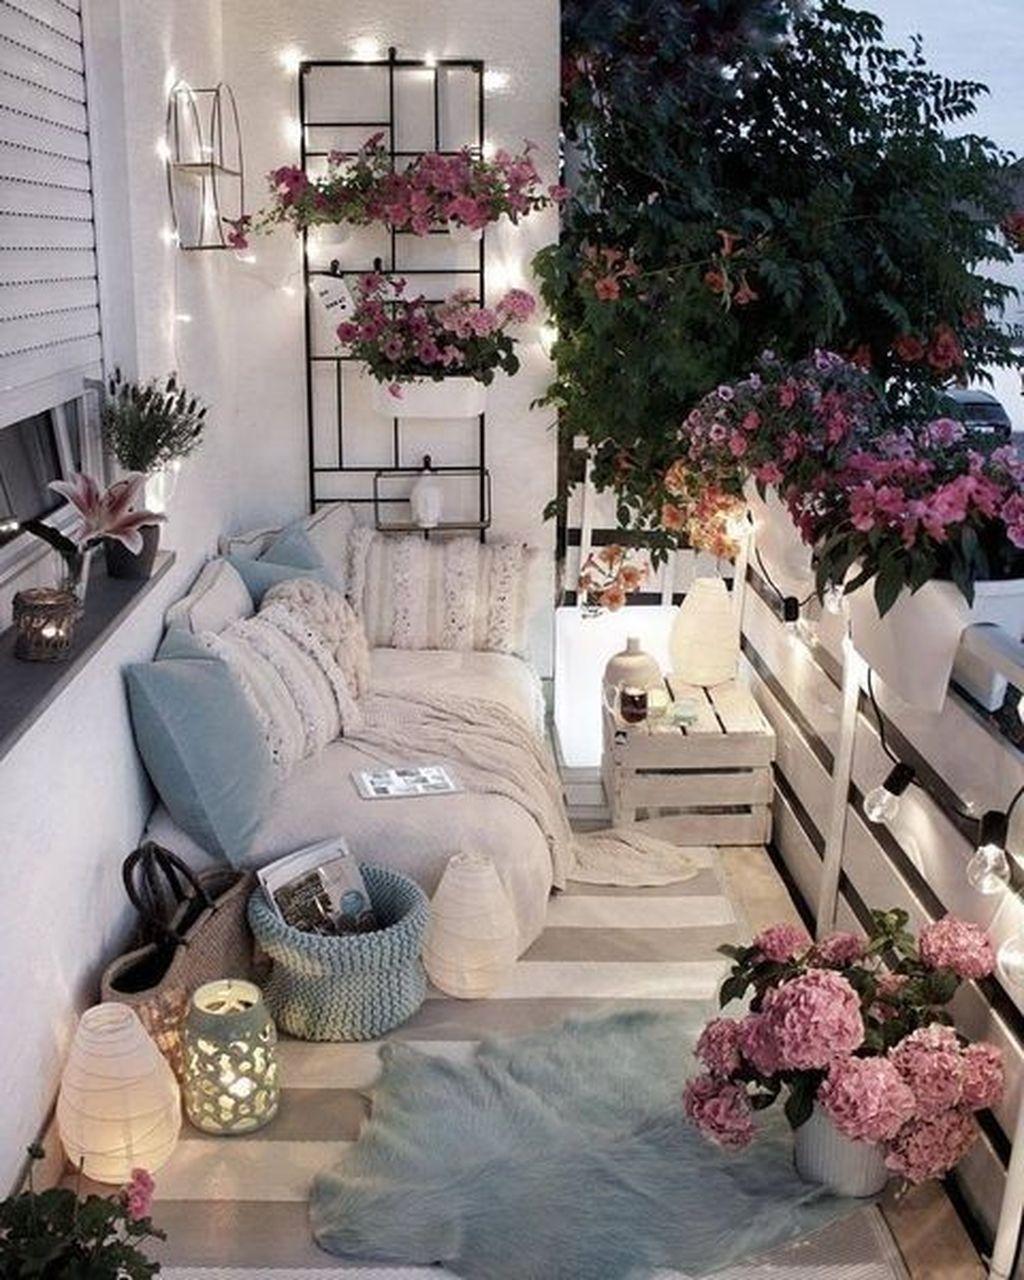 The Best Apartment Balcony Decor Ideas For Fall Season 31